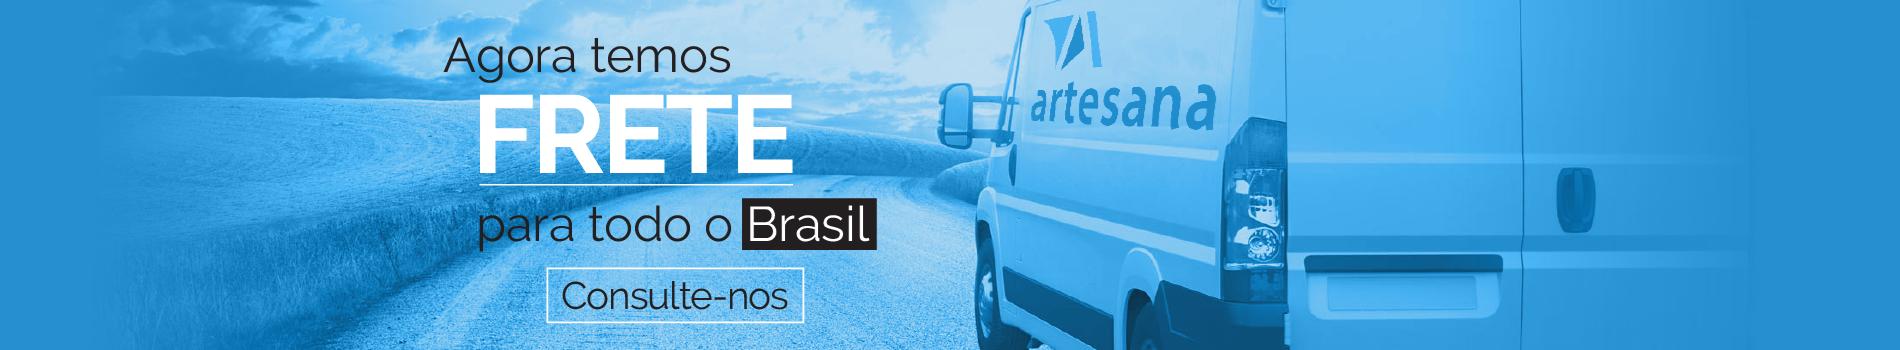 Frete para todo o Brasil